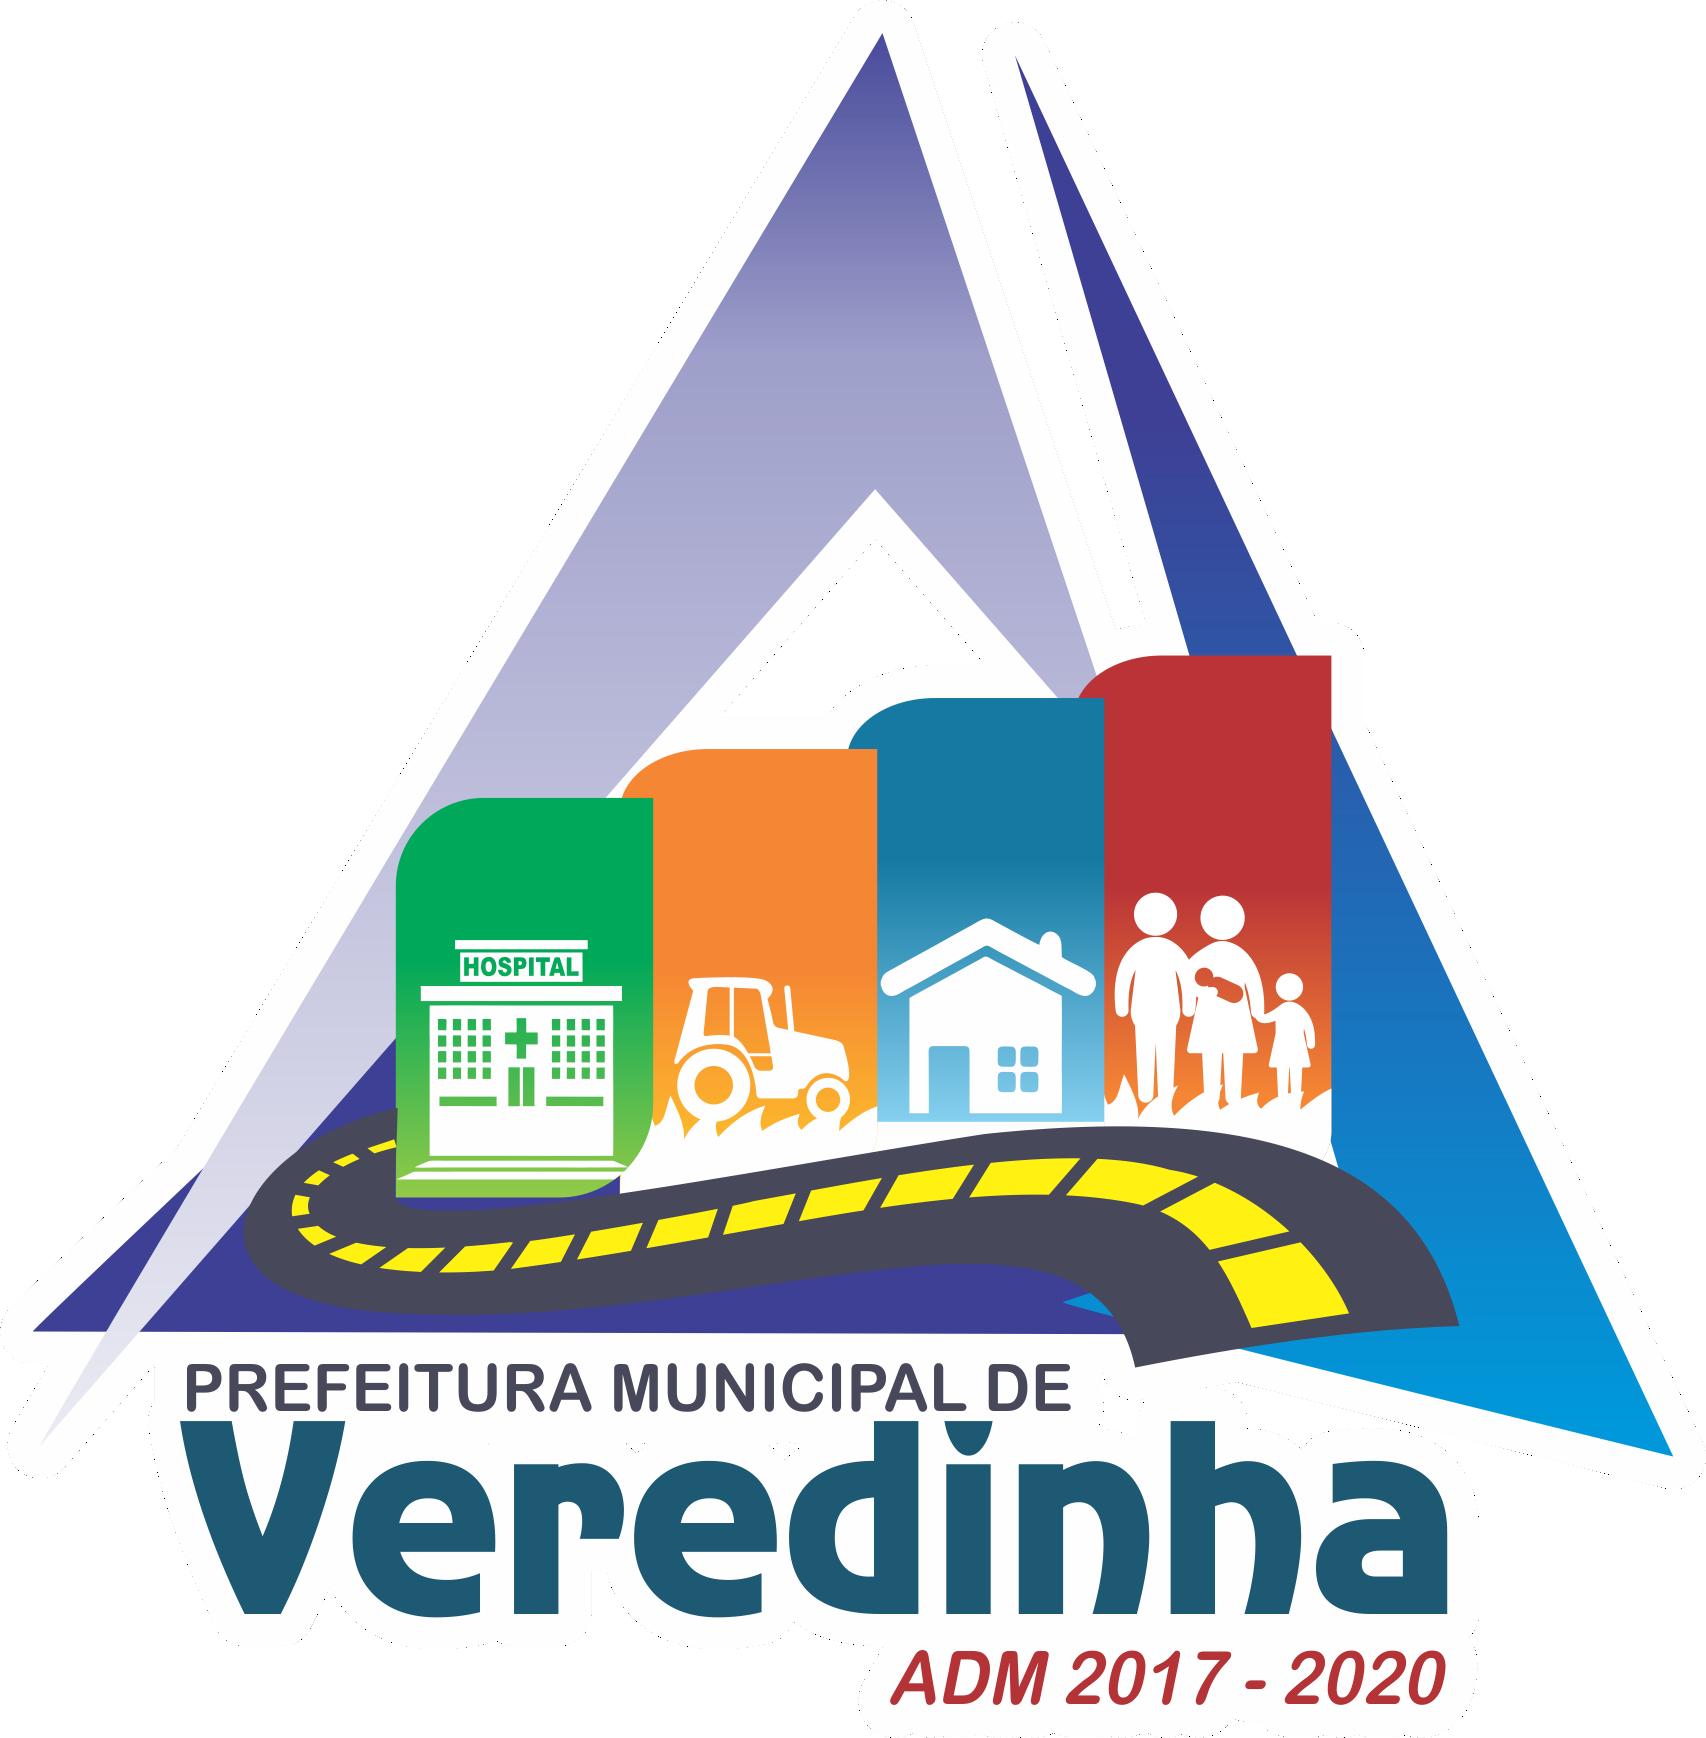 Portal Oficial da Prefeitura de Veredinha